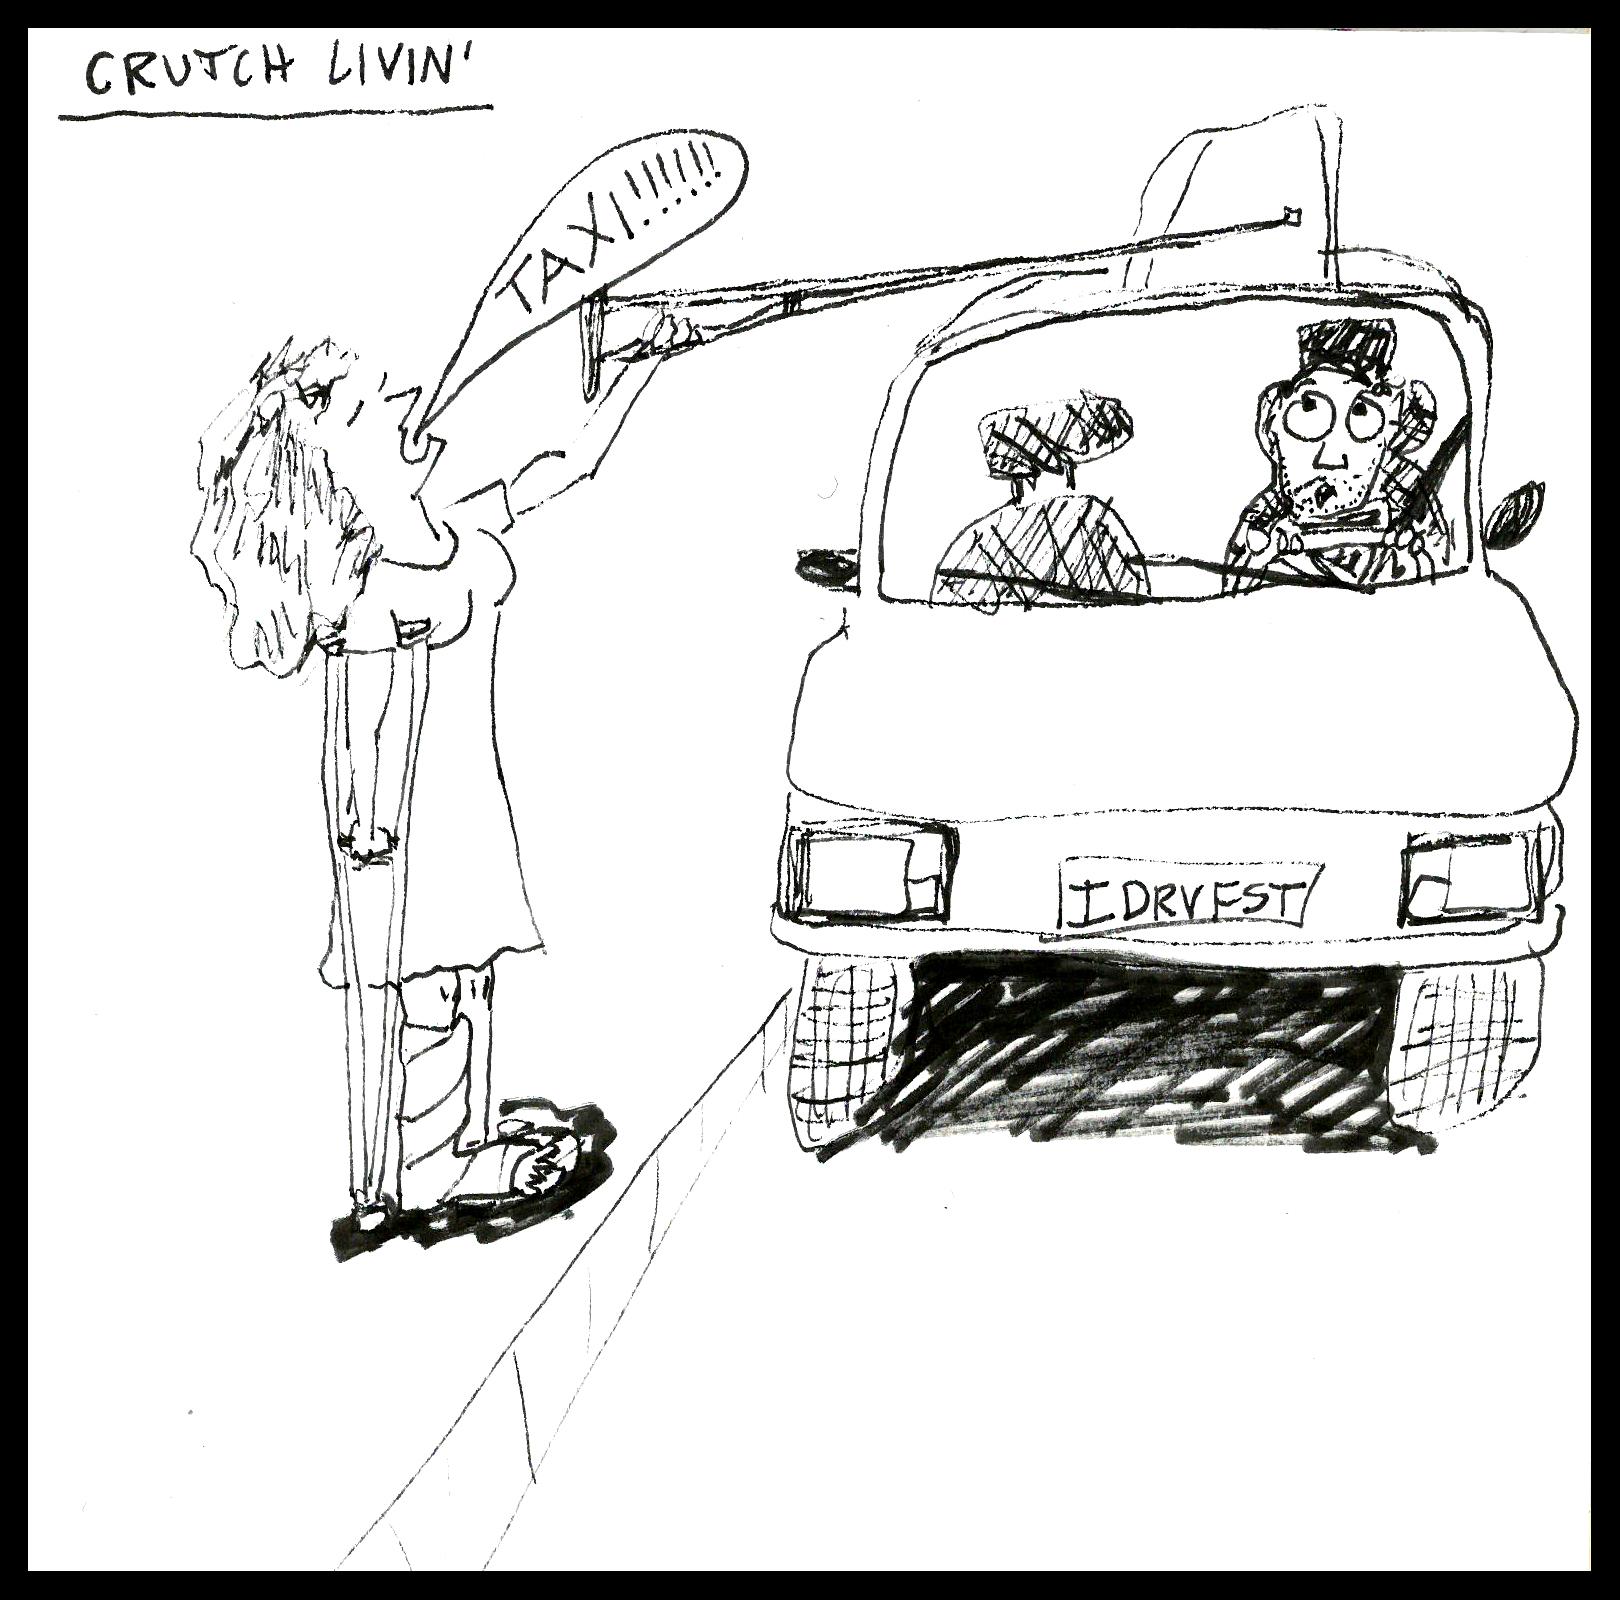 Crutch Livin' 2